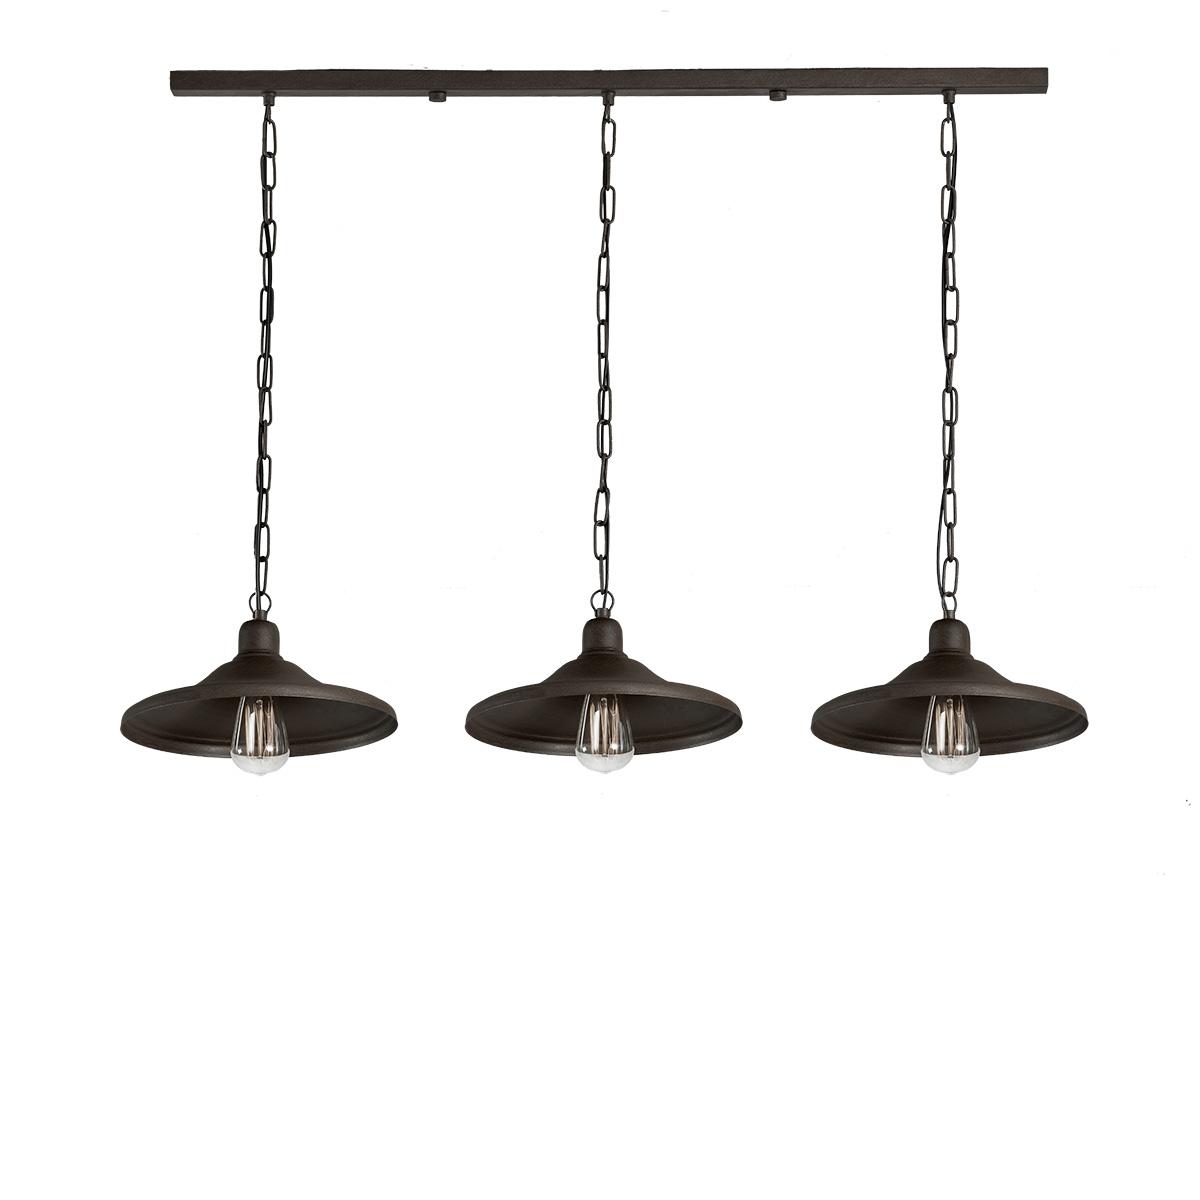 Φωτιστικό τραπεζαρίας σε πατίνα γραφίτη ΙΟΣ graphite patinated dining-table lighting